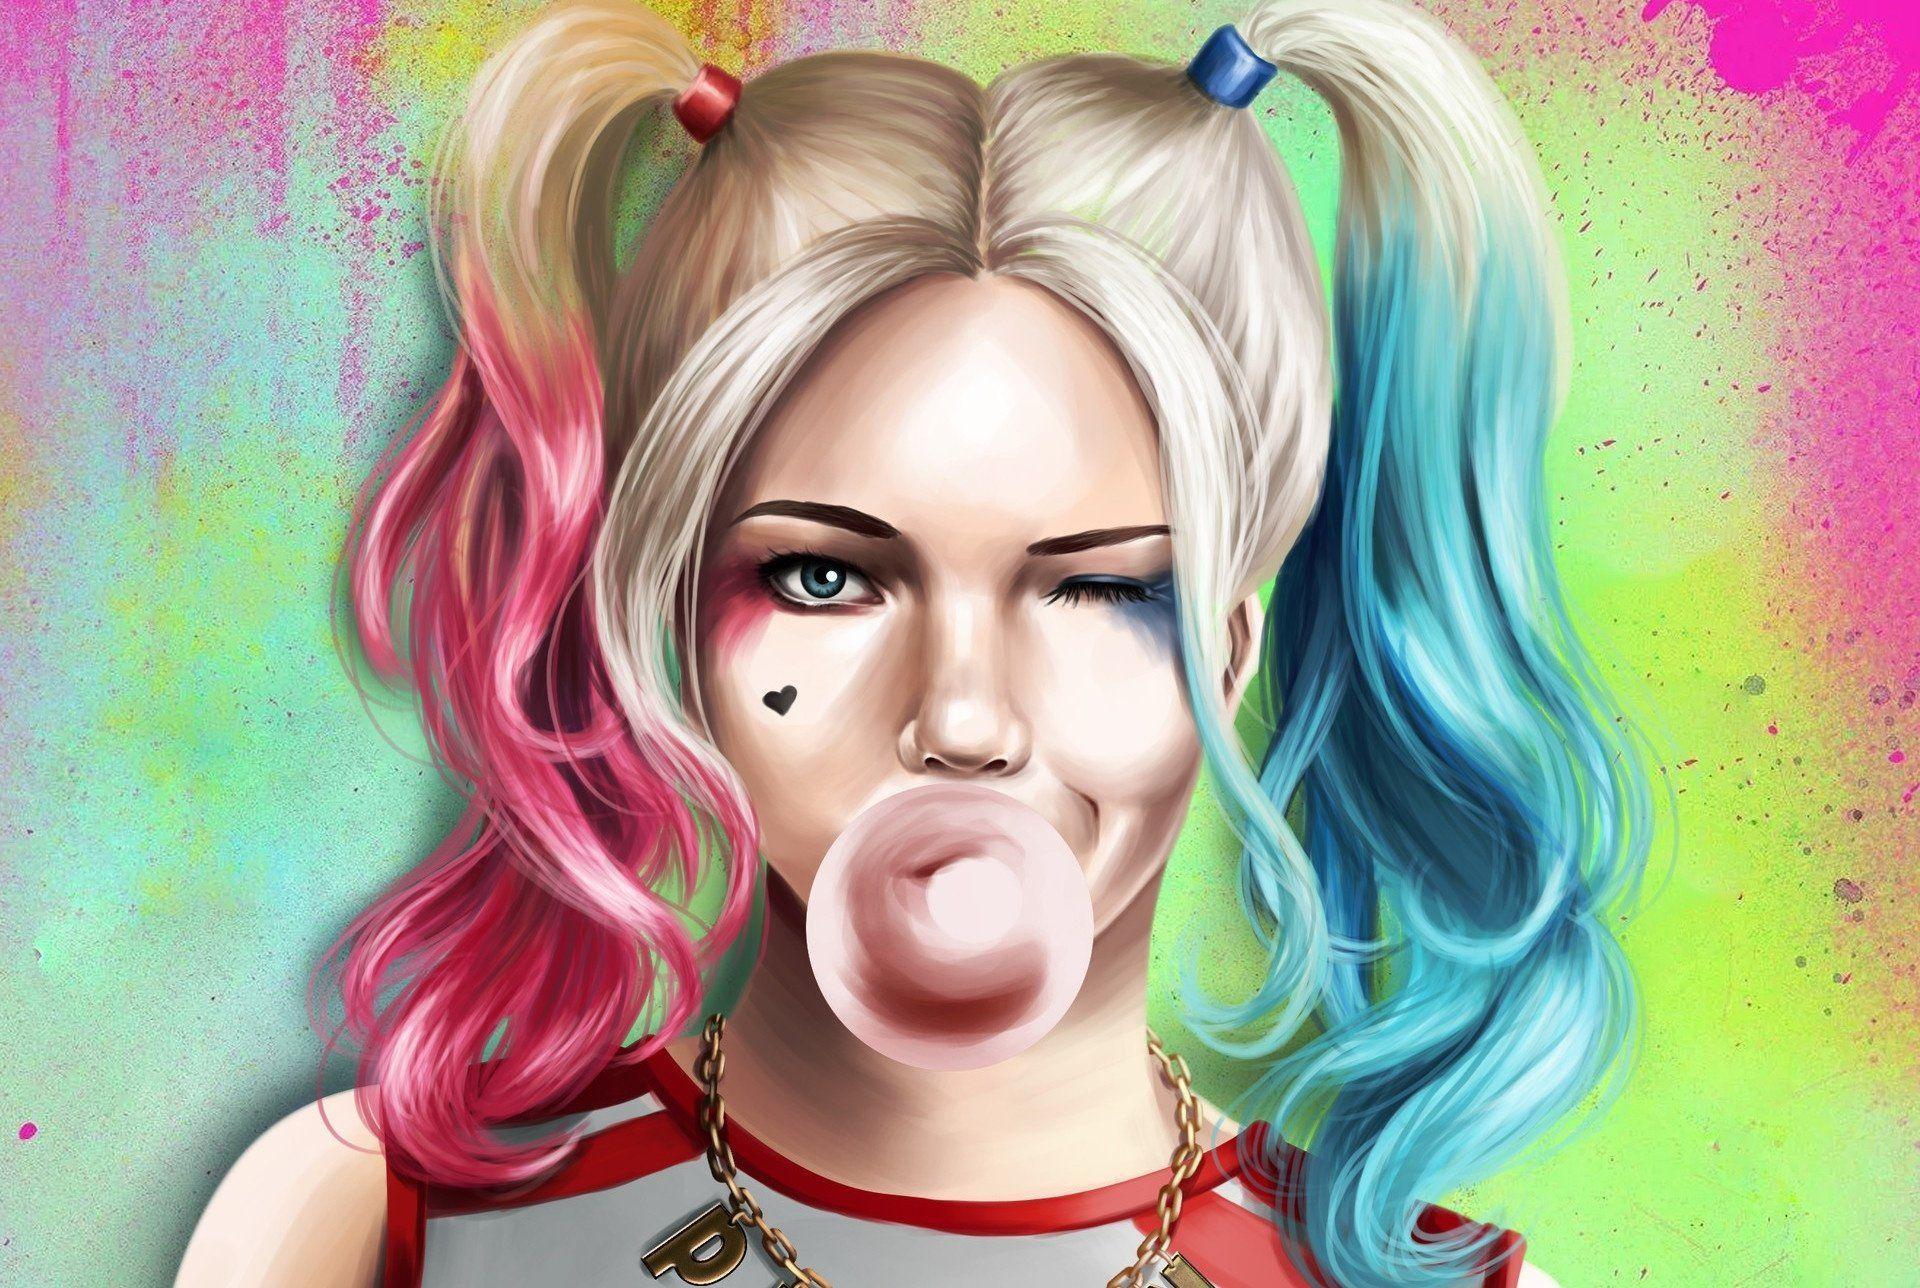 Harley Quinn Art Wallpapers Top Free Harley Quinn Art Backgrounds Wallpaperaccess